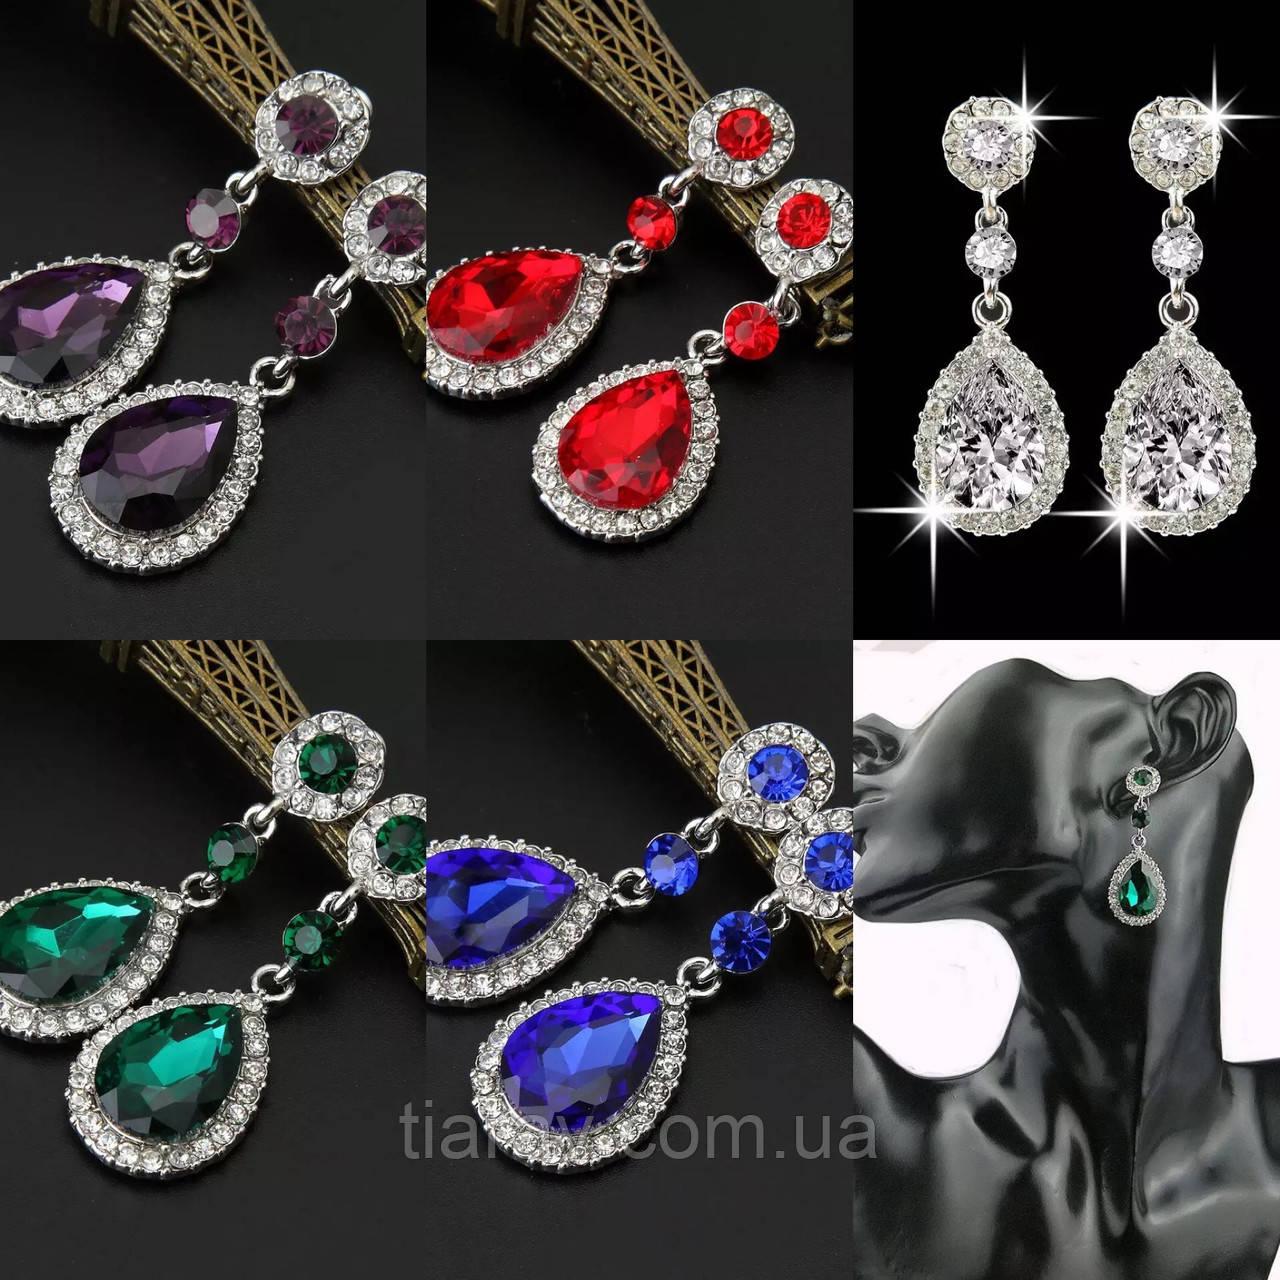 Сережки біжутерія, Весільні сережки, прикраси